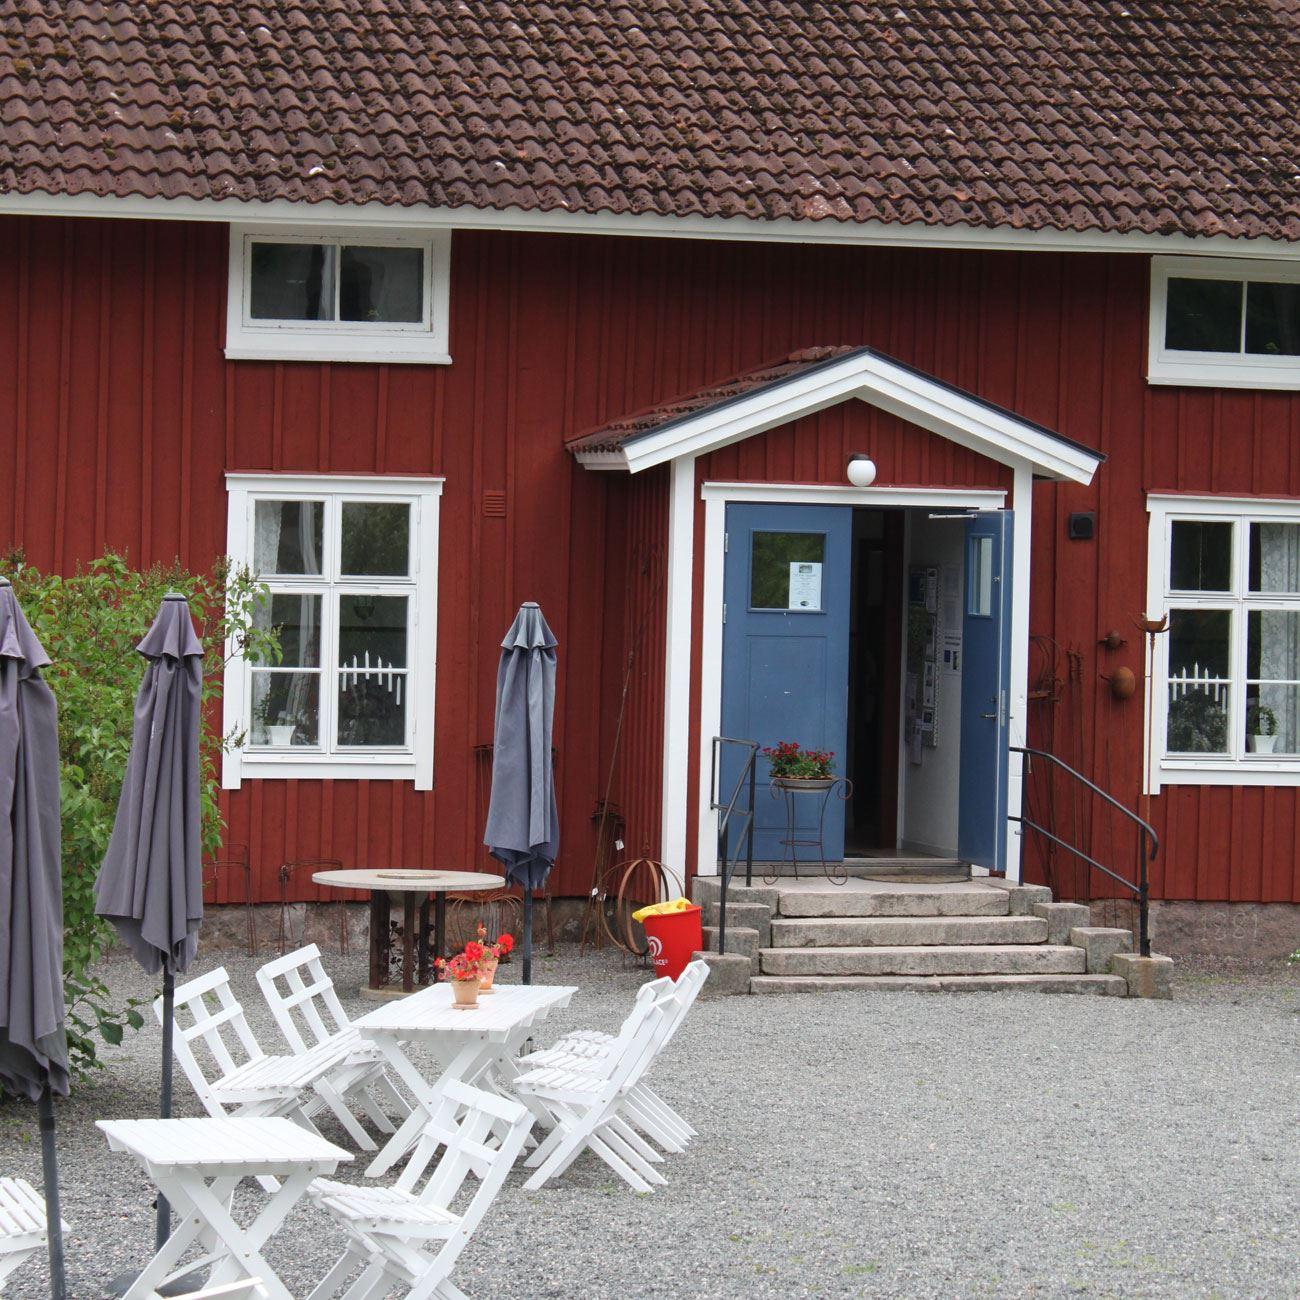 Foto: Värnamo Näringsliv AB,  © Värnamo Näringsliv AB , Dannäs Våffelcafé och Norra Bolmen B&B